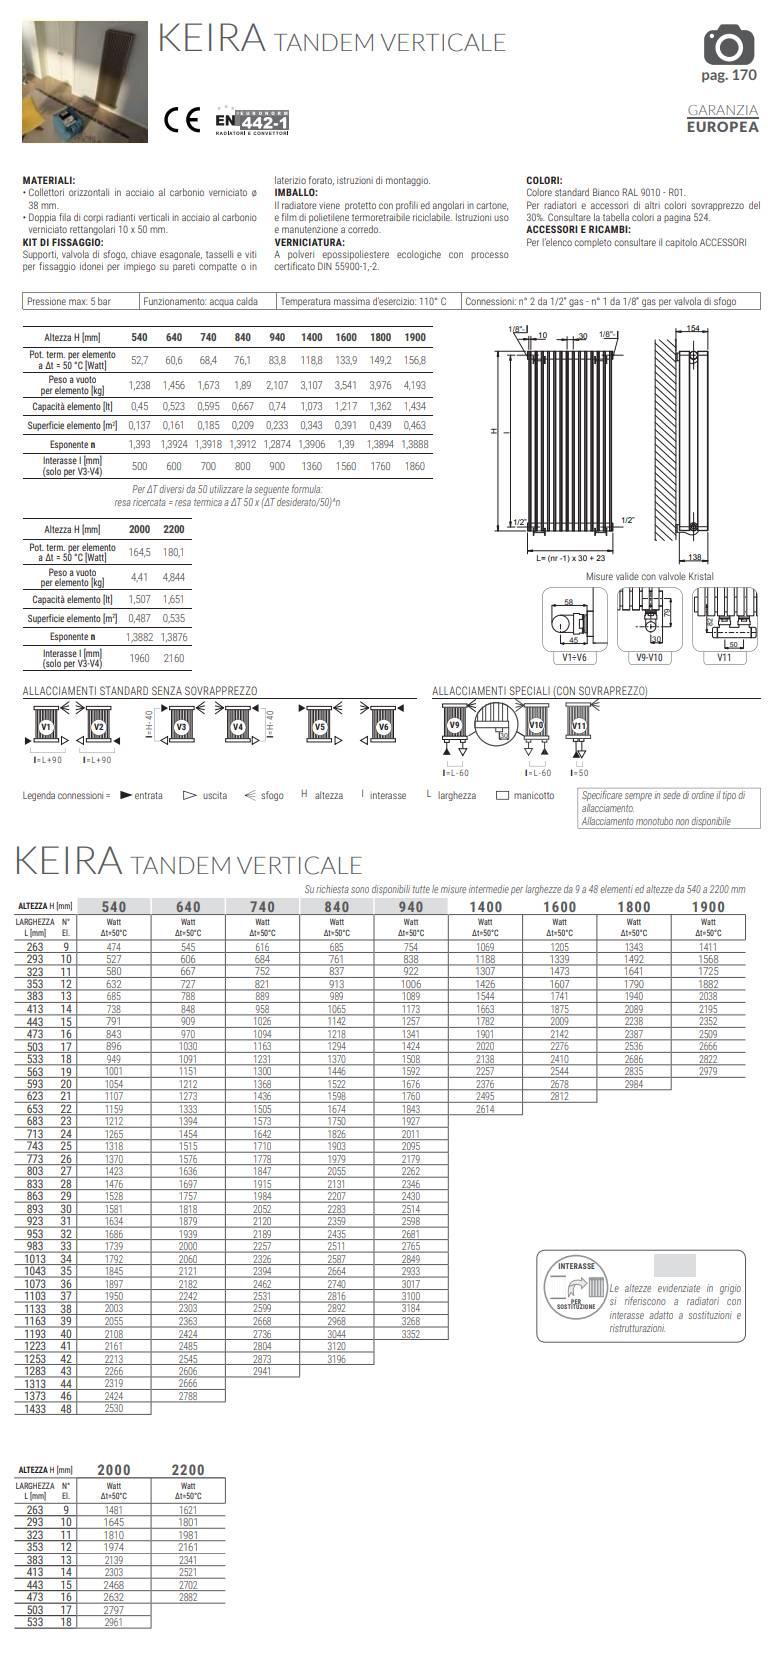 Blech-Technik-Keira-tandem-vertikal-cordivari-ertragt-hochertrag-thermisch